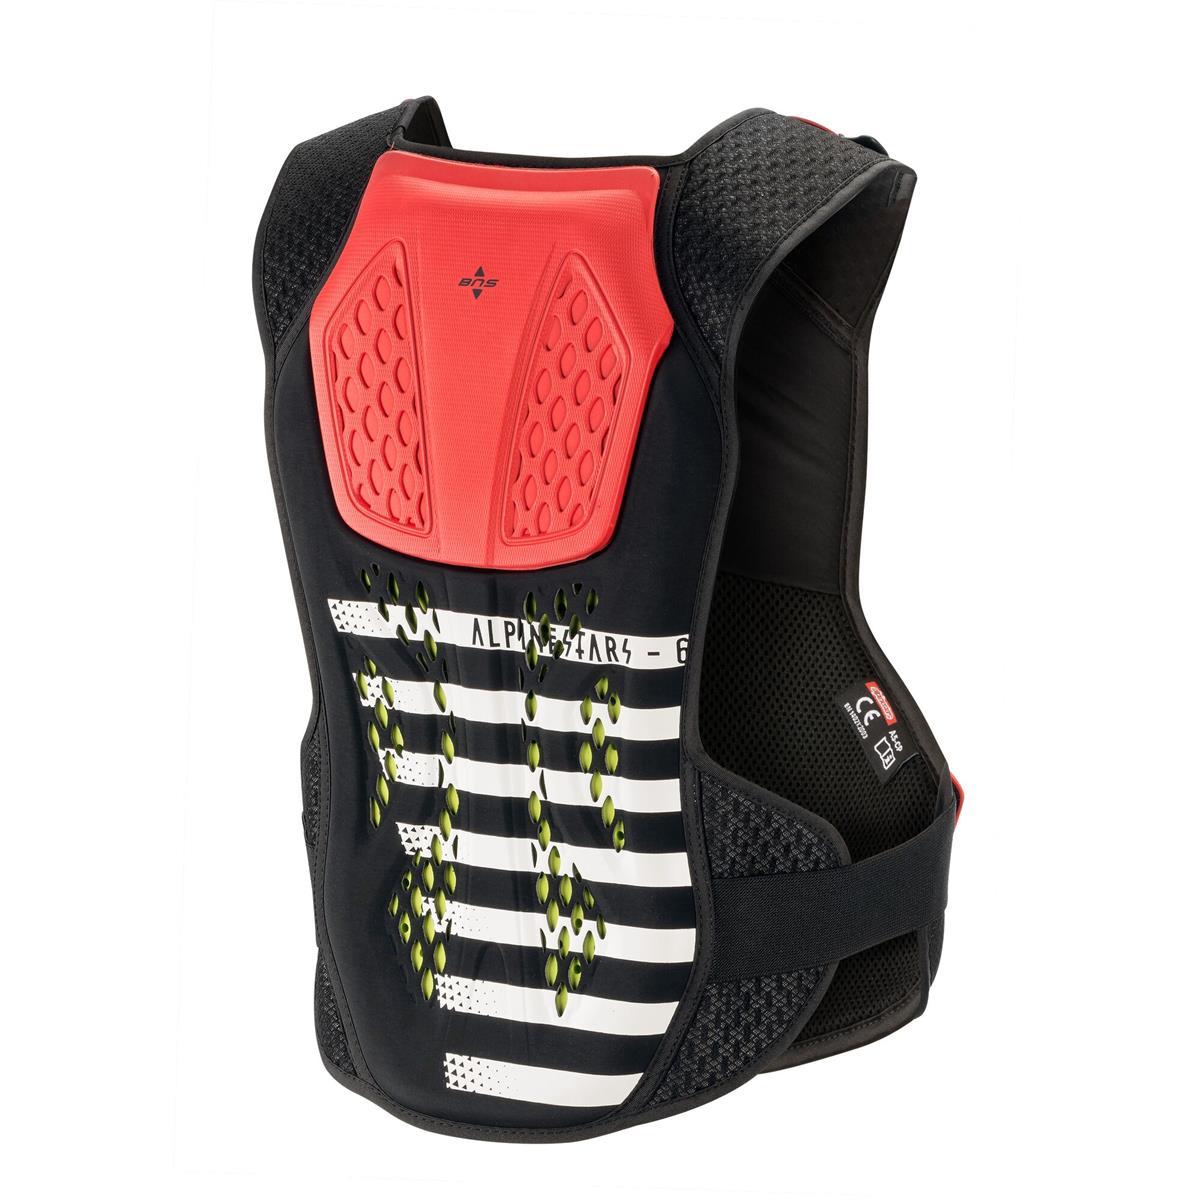 schwarz weiß rot Alpinestars NUCLEON KR-C Motorrad Brustprotektor Level 2